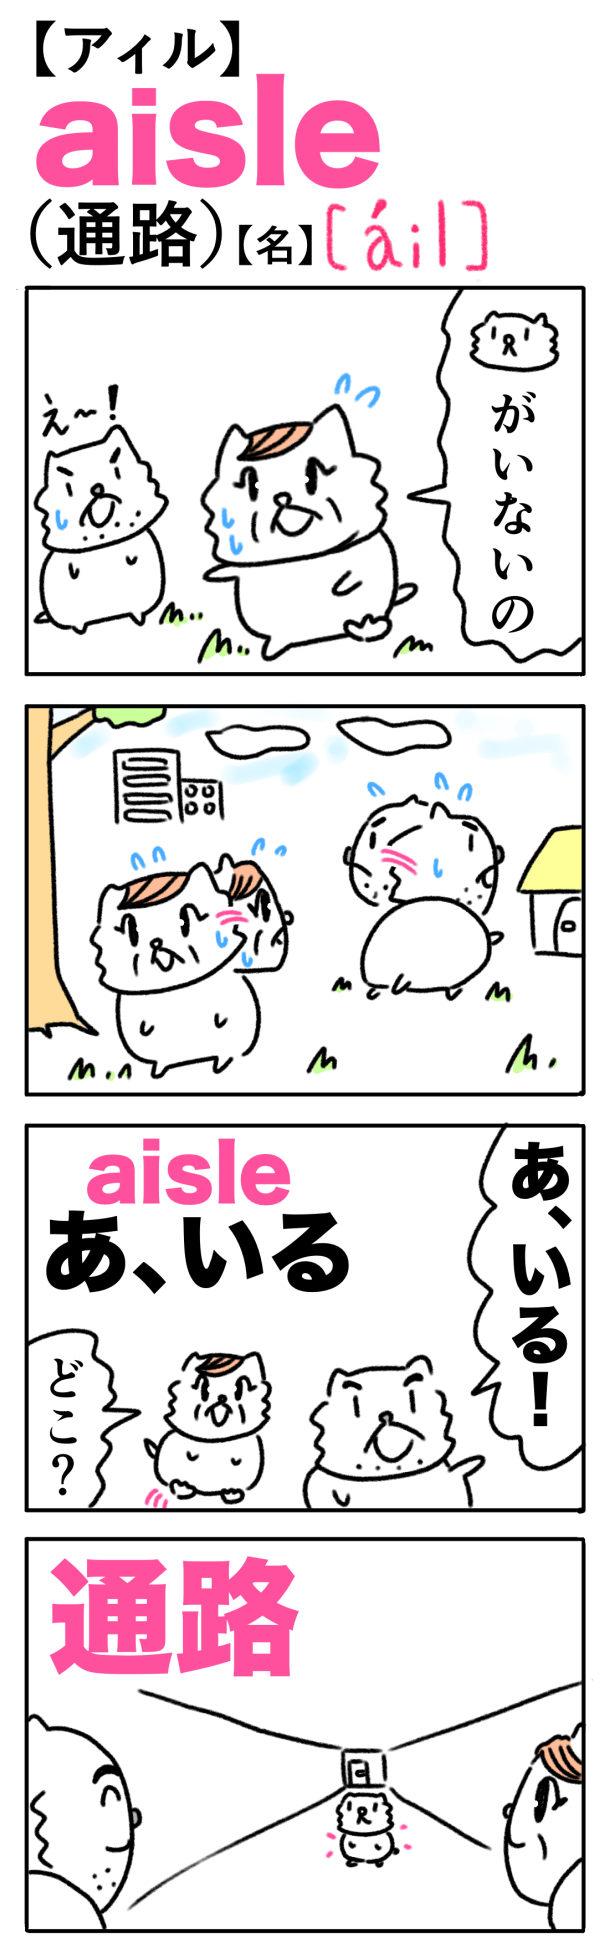 aisle(通路)の語呂合わせ英単語